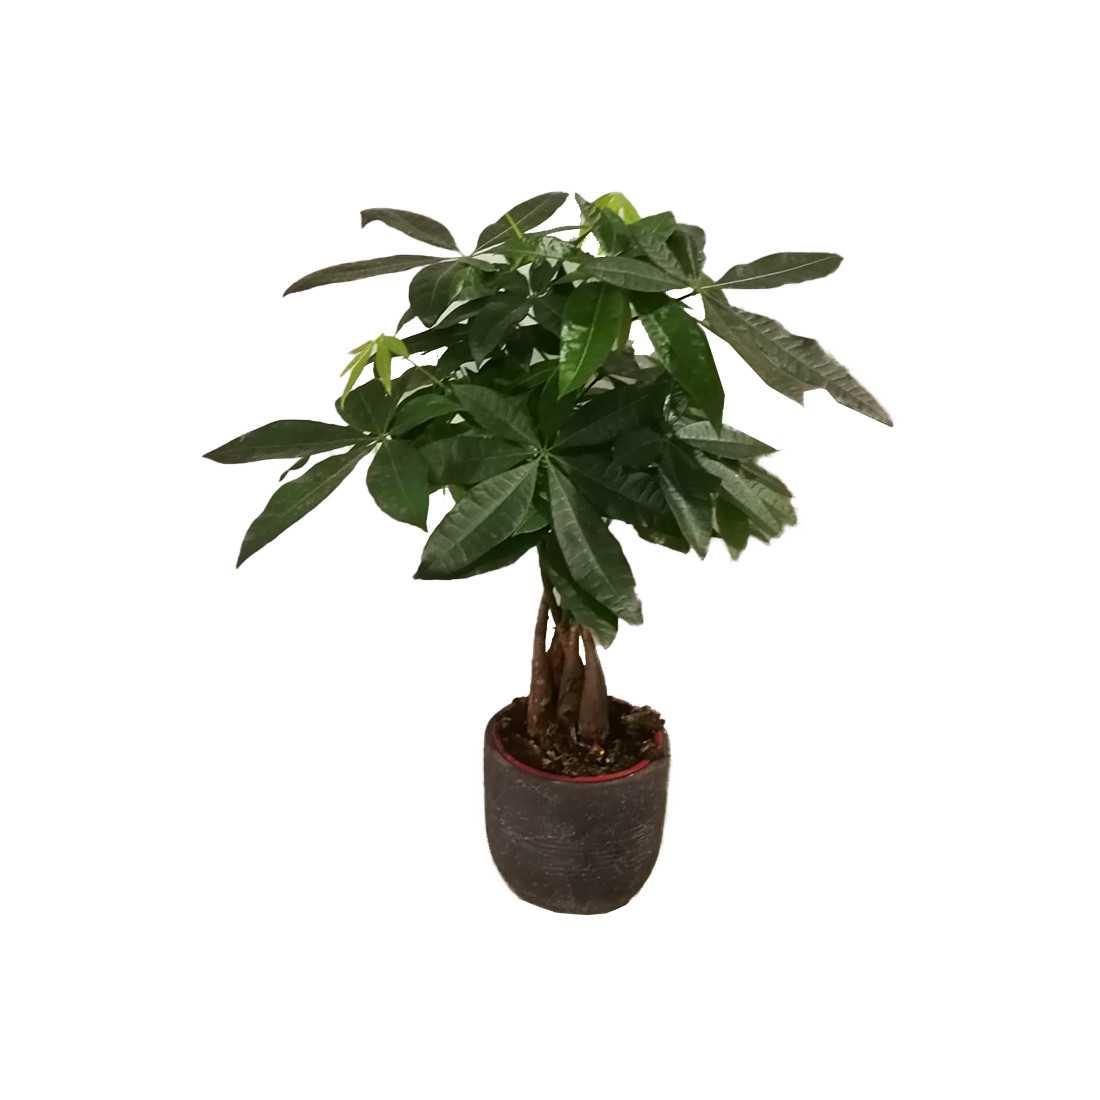 Pachira Acquatica h c.a 60cm con vaso cemento shop online